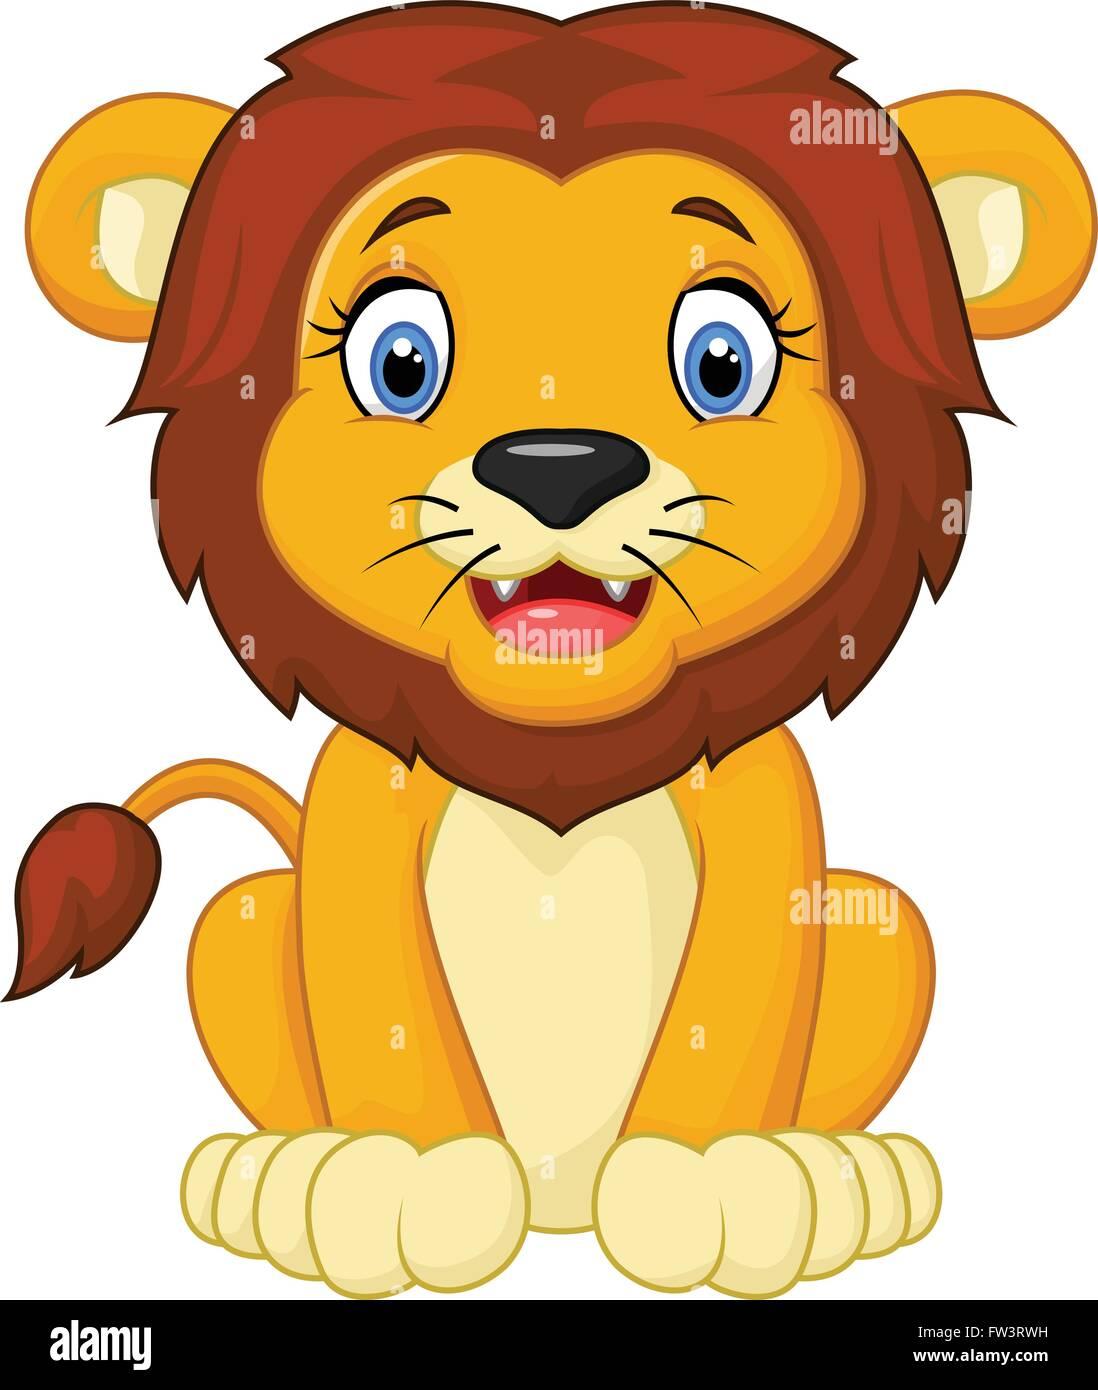 Get Leon Cartoon  PNG